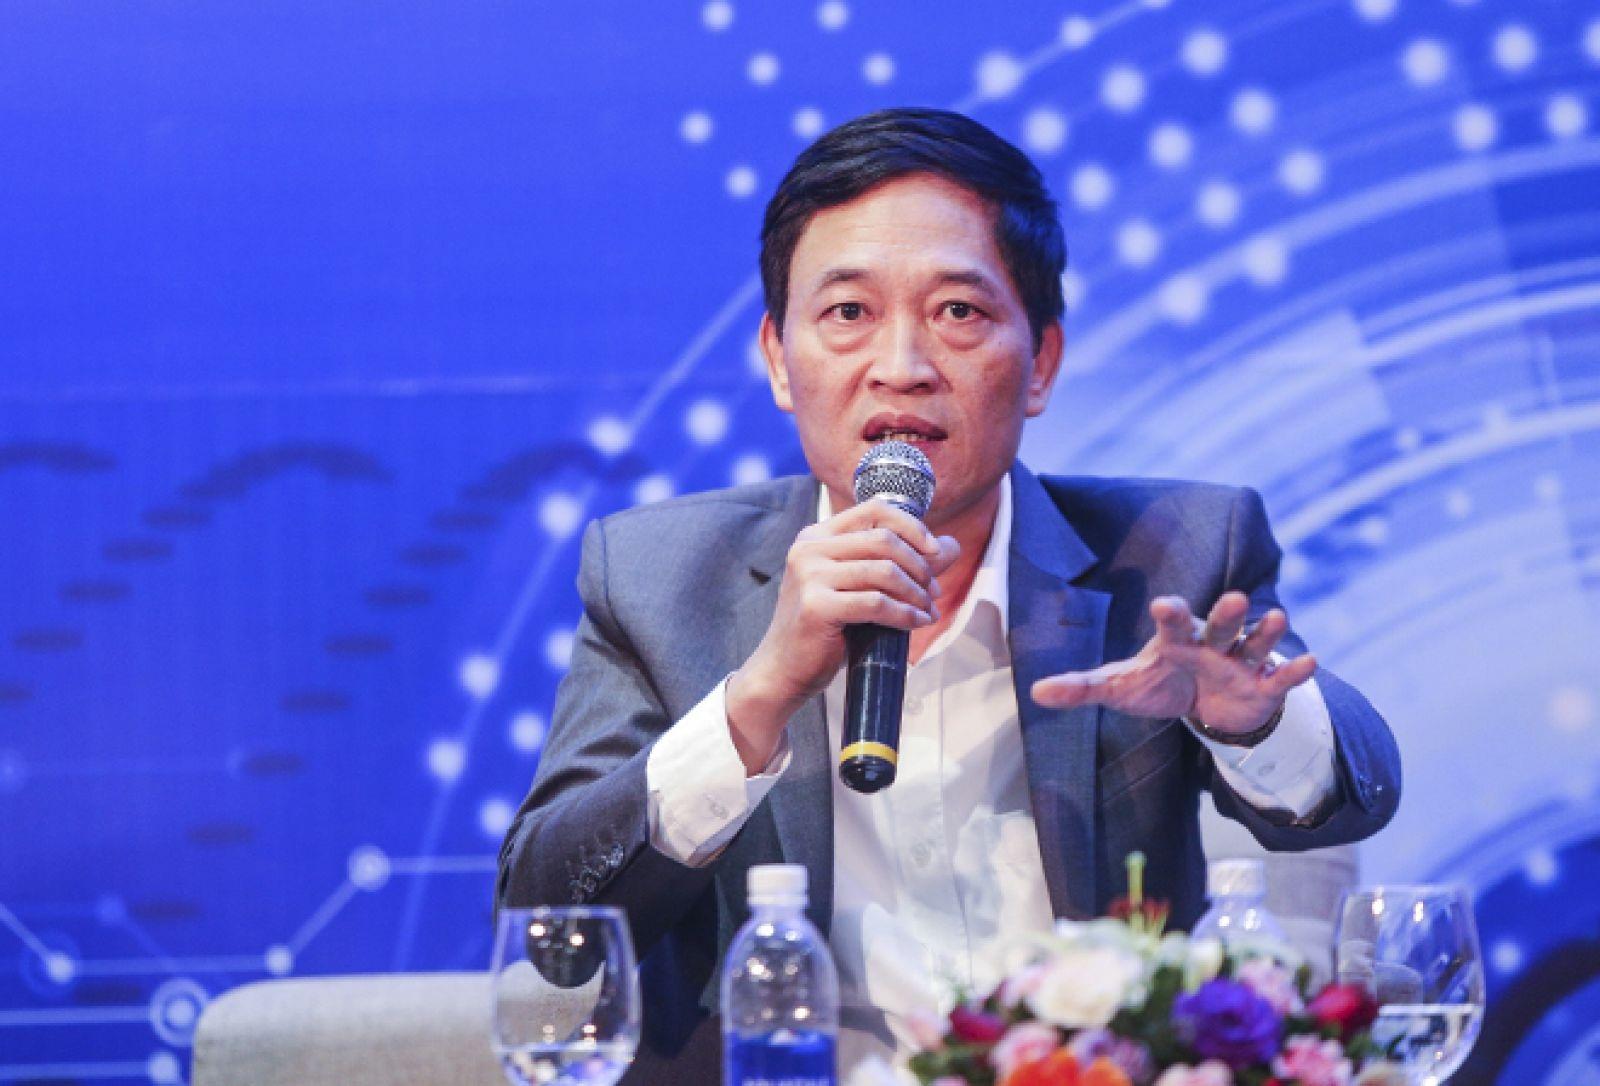 Bộ Khoa học và khát vọng xây dựng hệ sinh thái khởi nghiệp sáng tạo Việt Nam vươn ra thế giới - 1